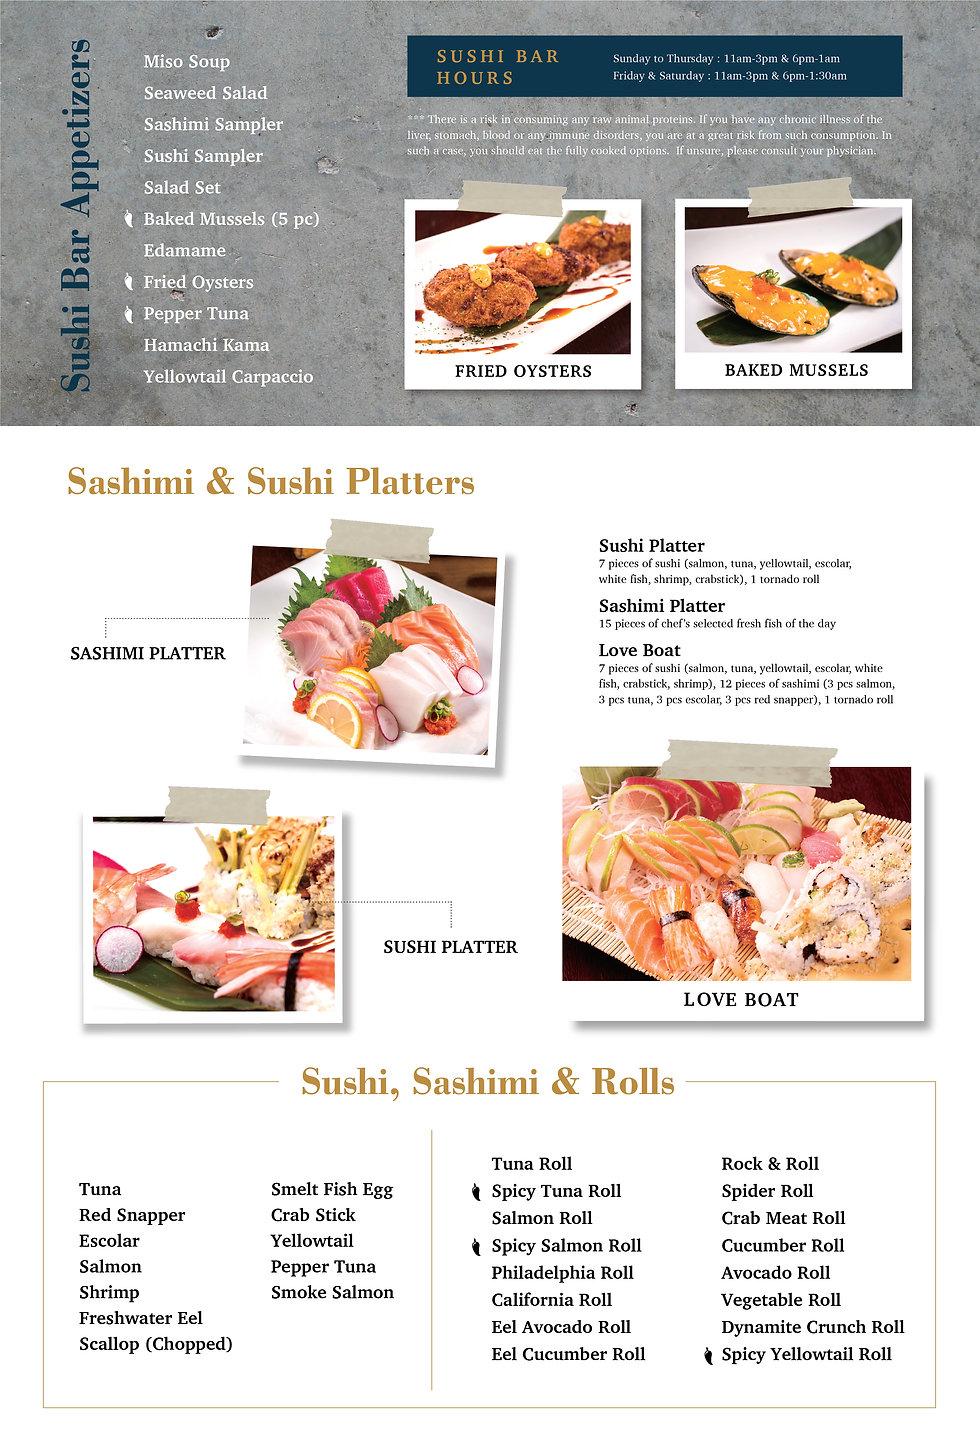 Food Menu Design_Final-03.jpg